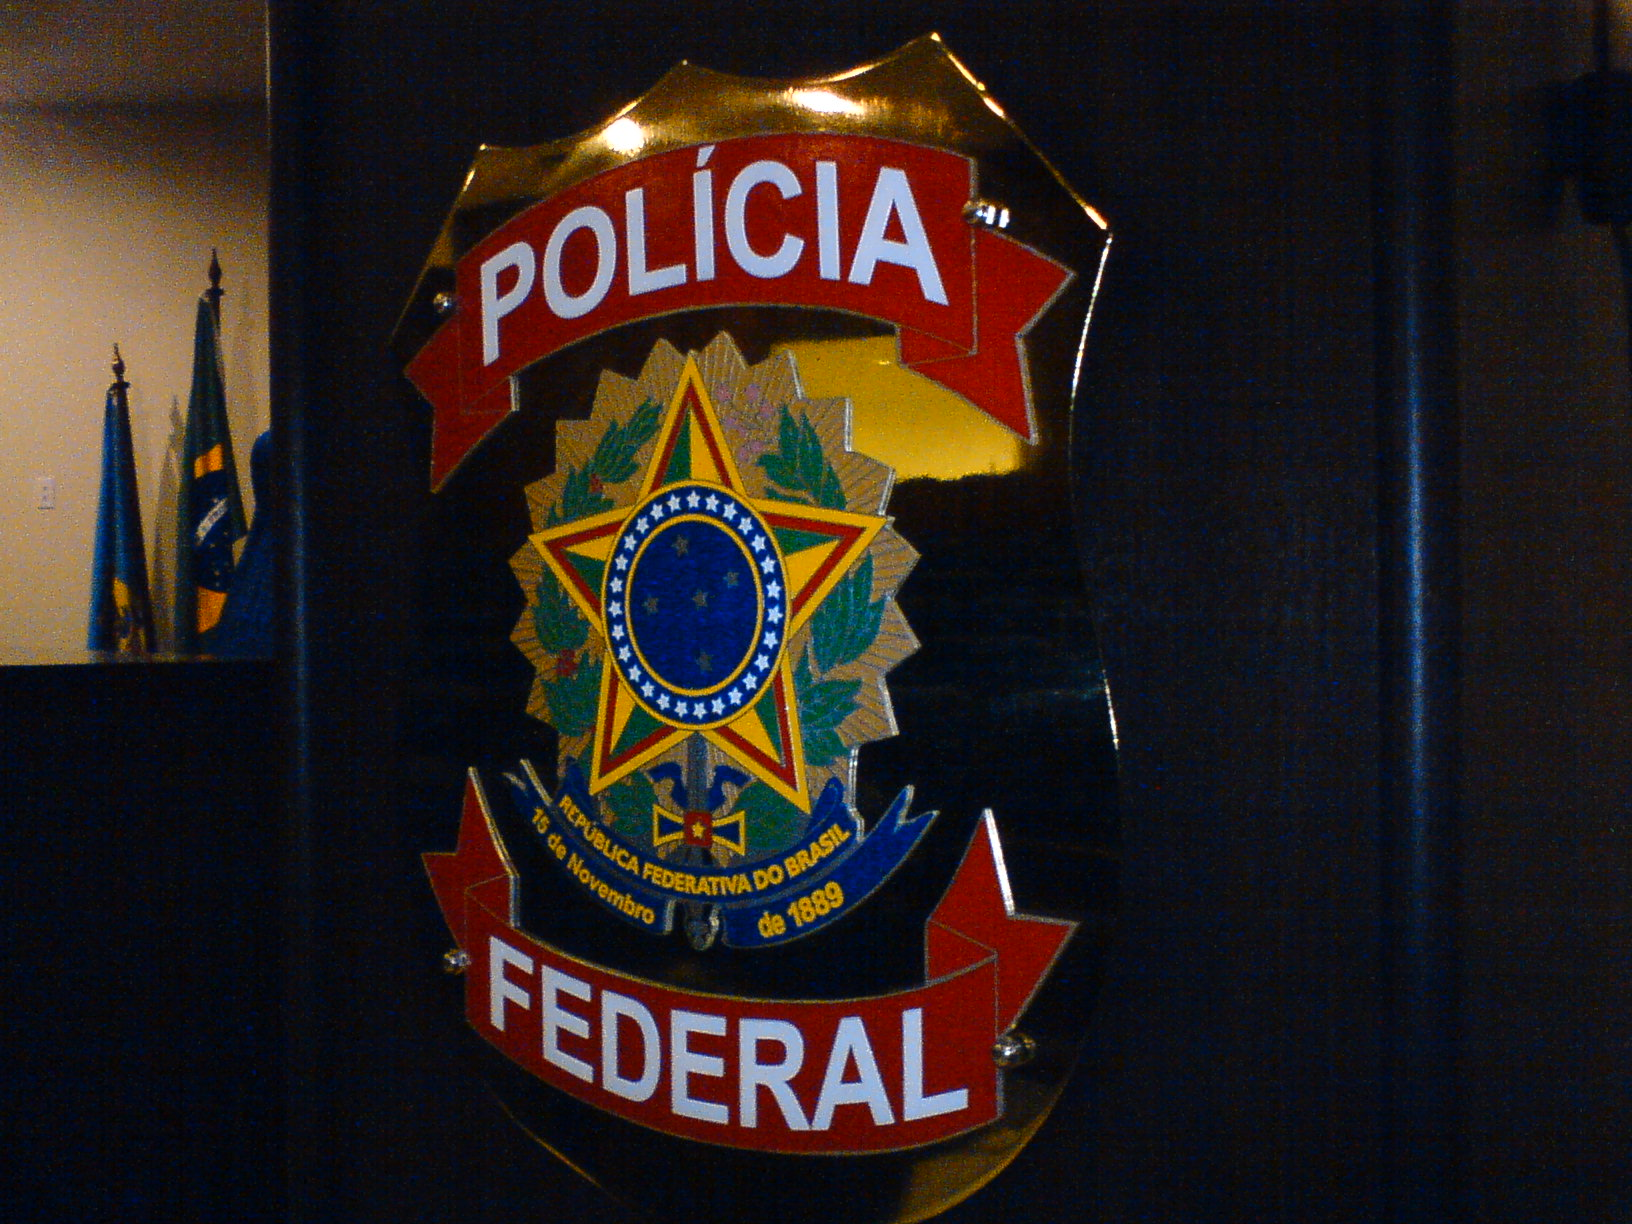 Brazil Federal Police emblem